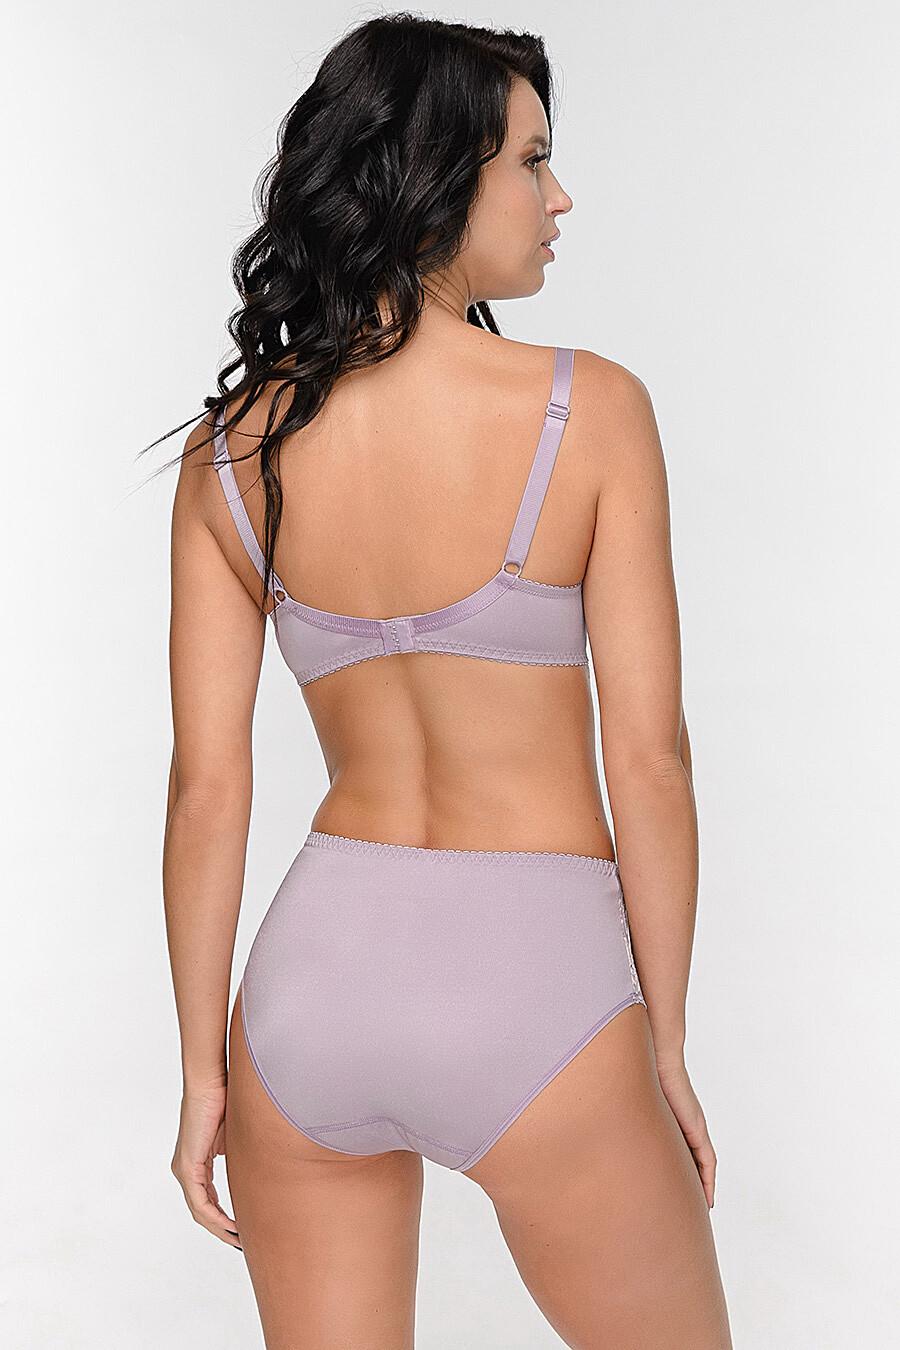 Бюстгальтер для женщин MILADY 247786 купить оптом от производителя. Совместная покупка женской одежды в OptMoyo